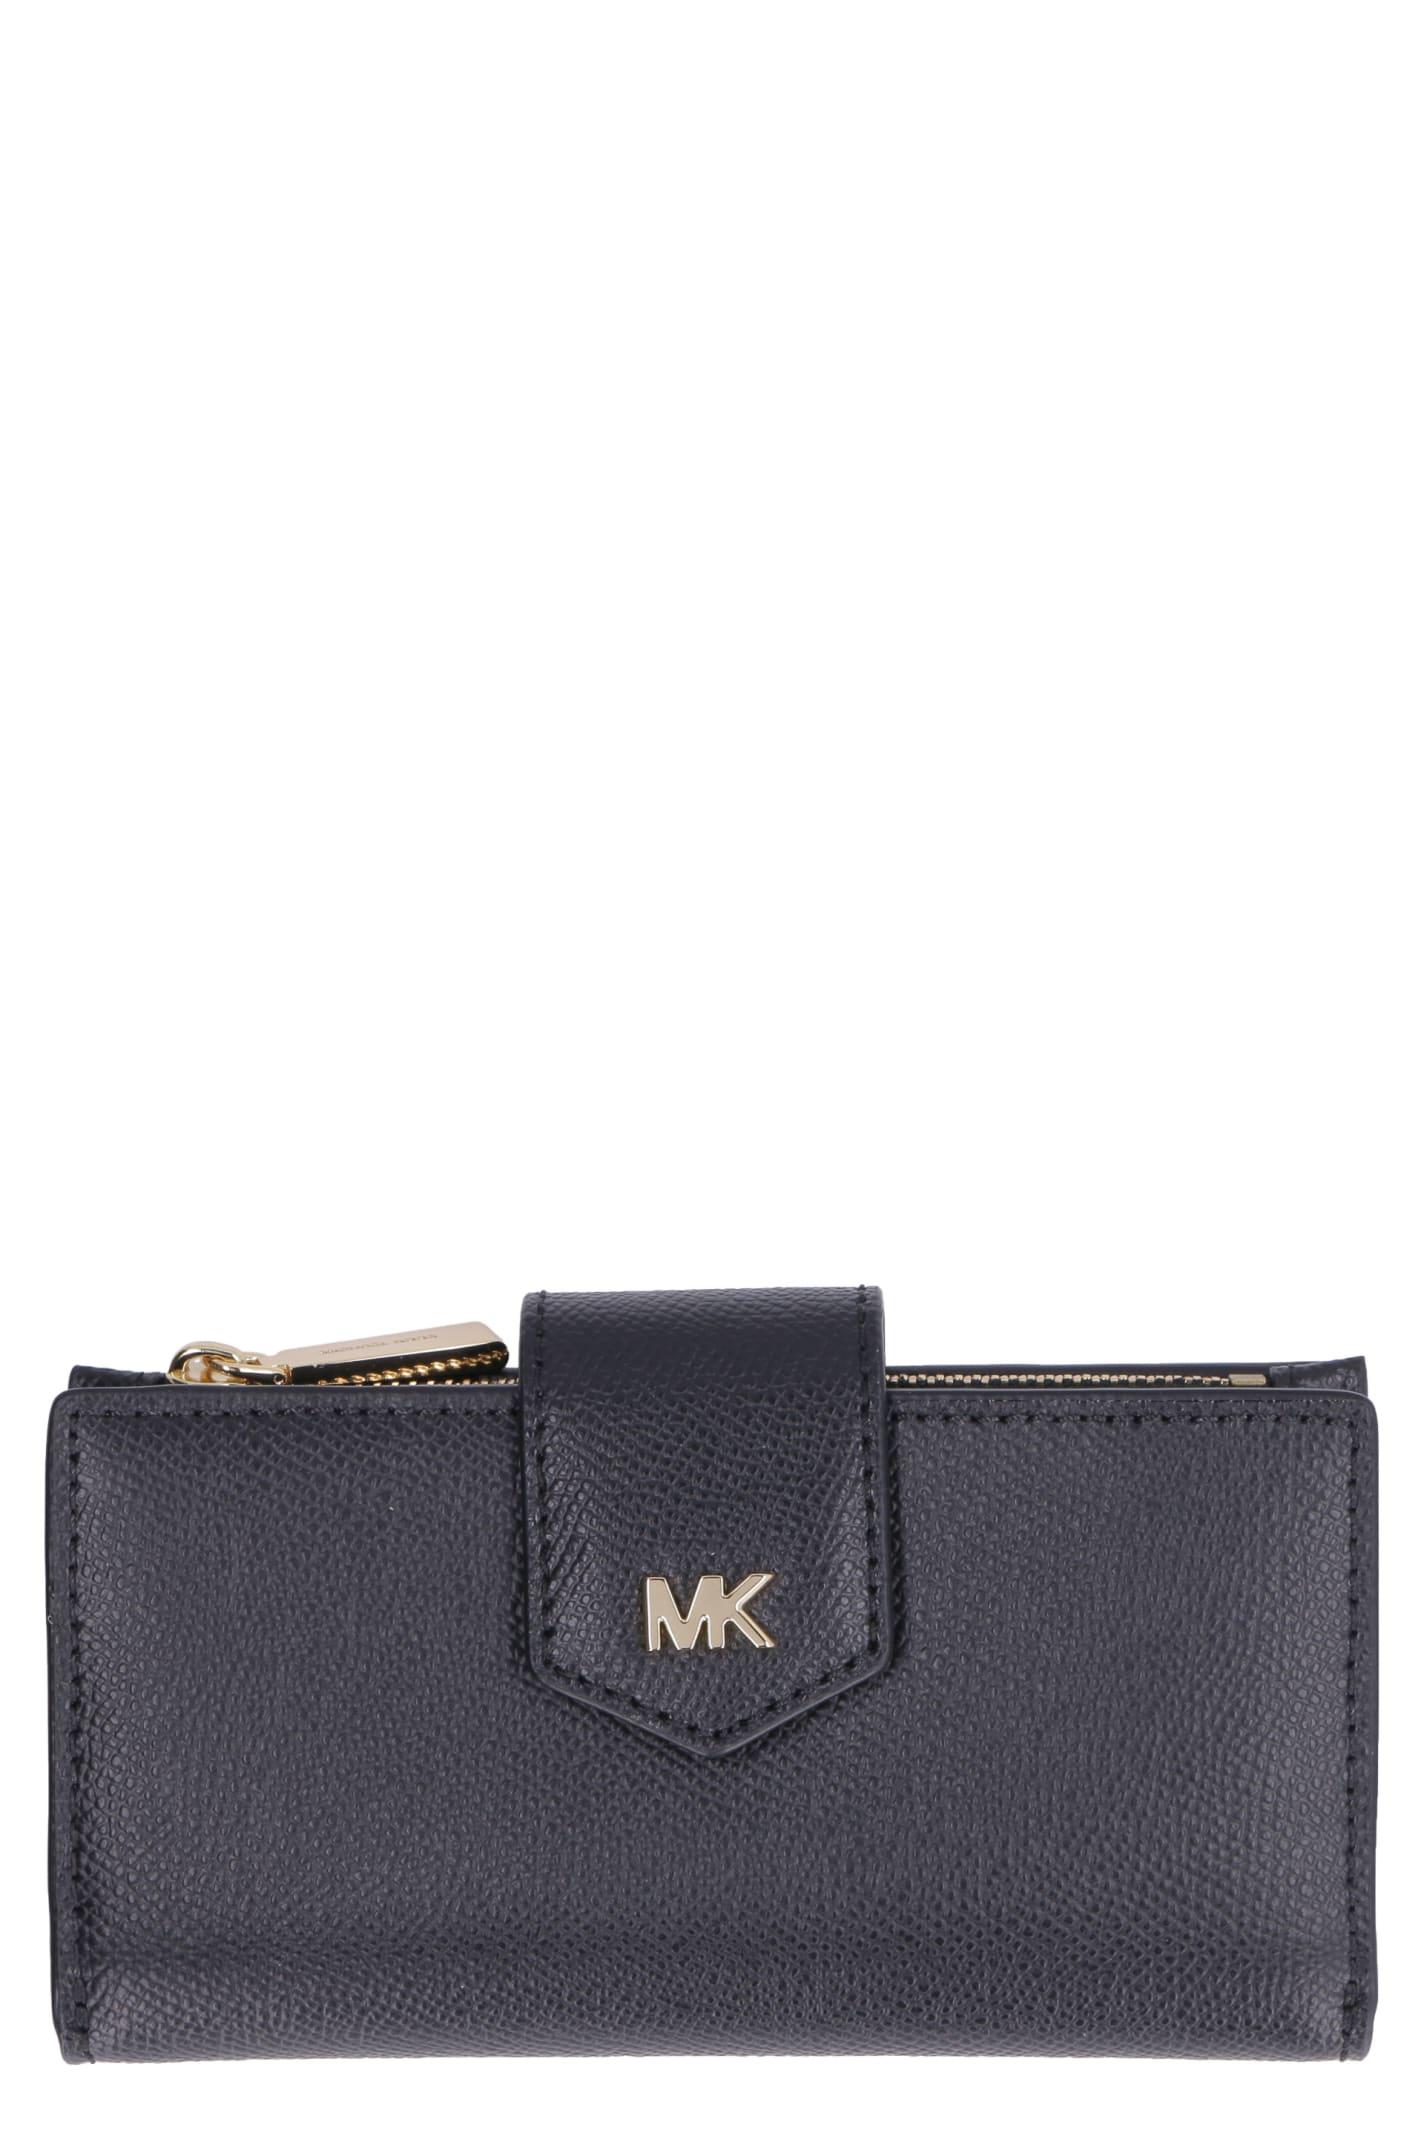 MICHAEL Michael Kors Money Pieces Leather Wallet